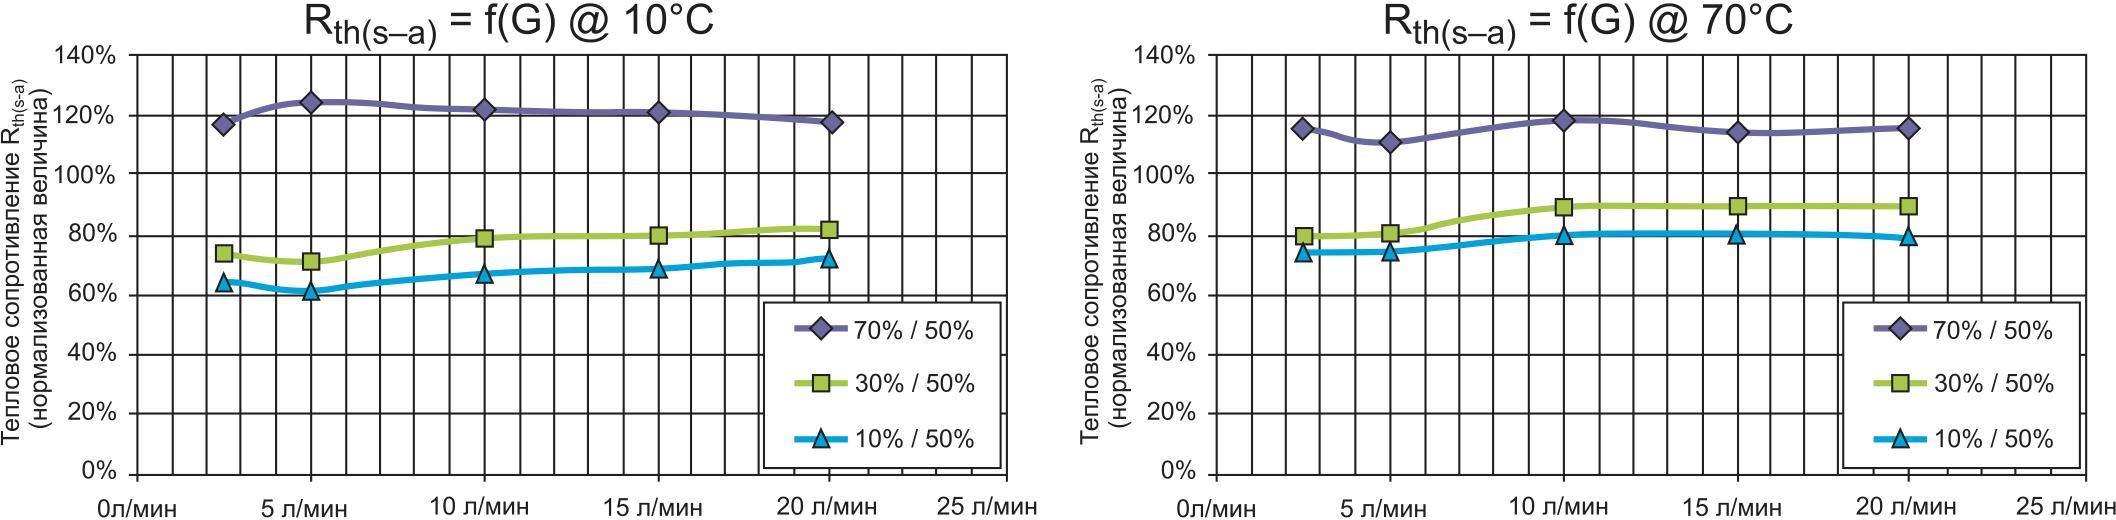 Тепловое сопротивление Rth(s–a) (нормализованная величина) при различной концентрации гликоля